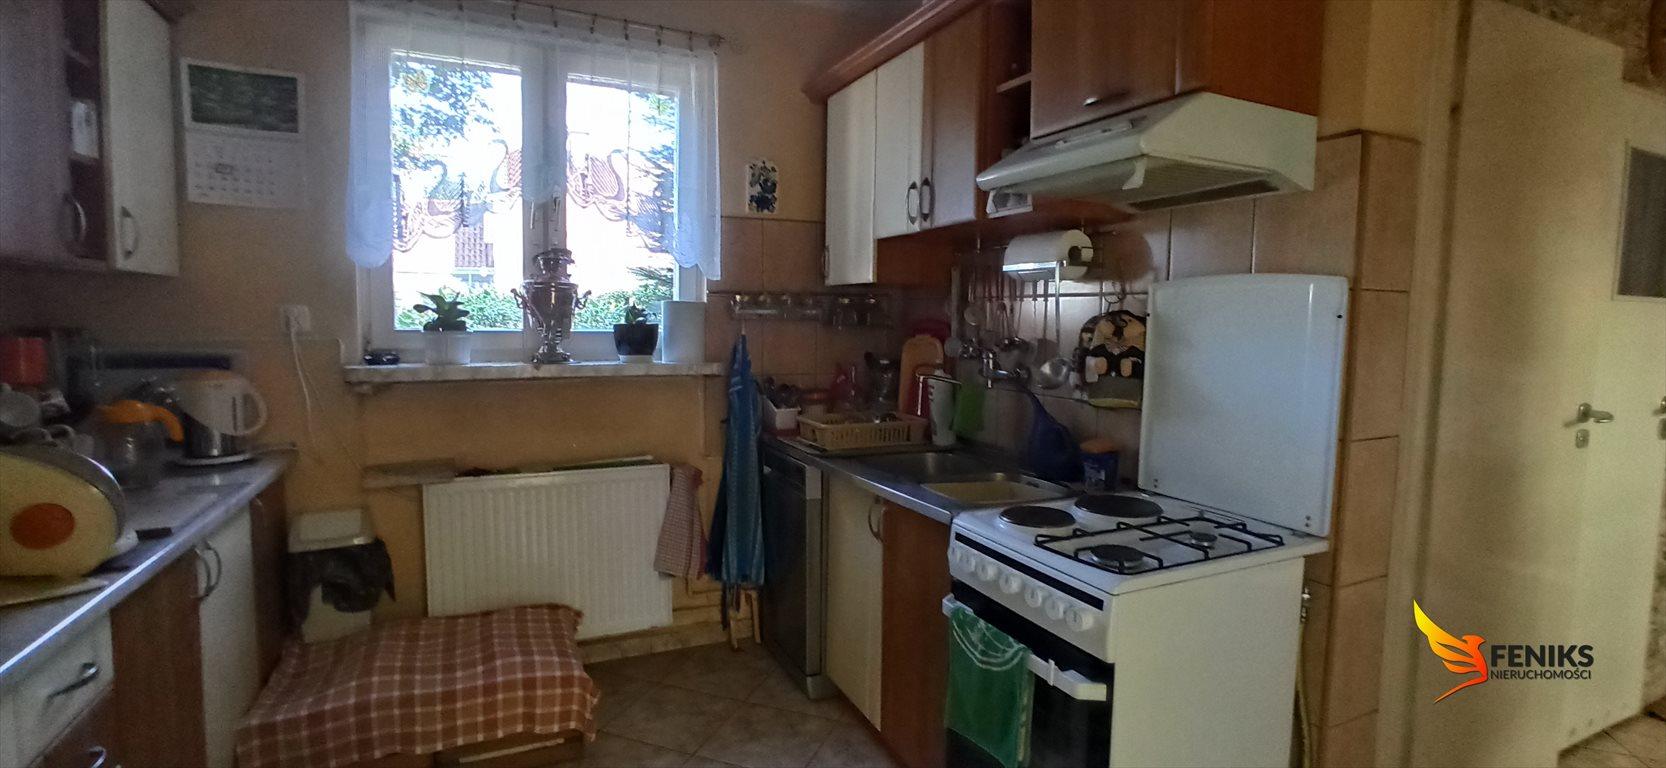 Dom na sprzedaż Elbląg, Skrzydlata  120m2 Foto 9